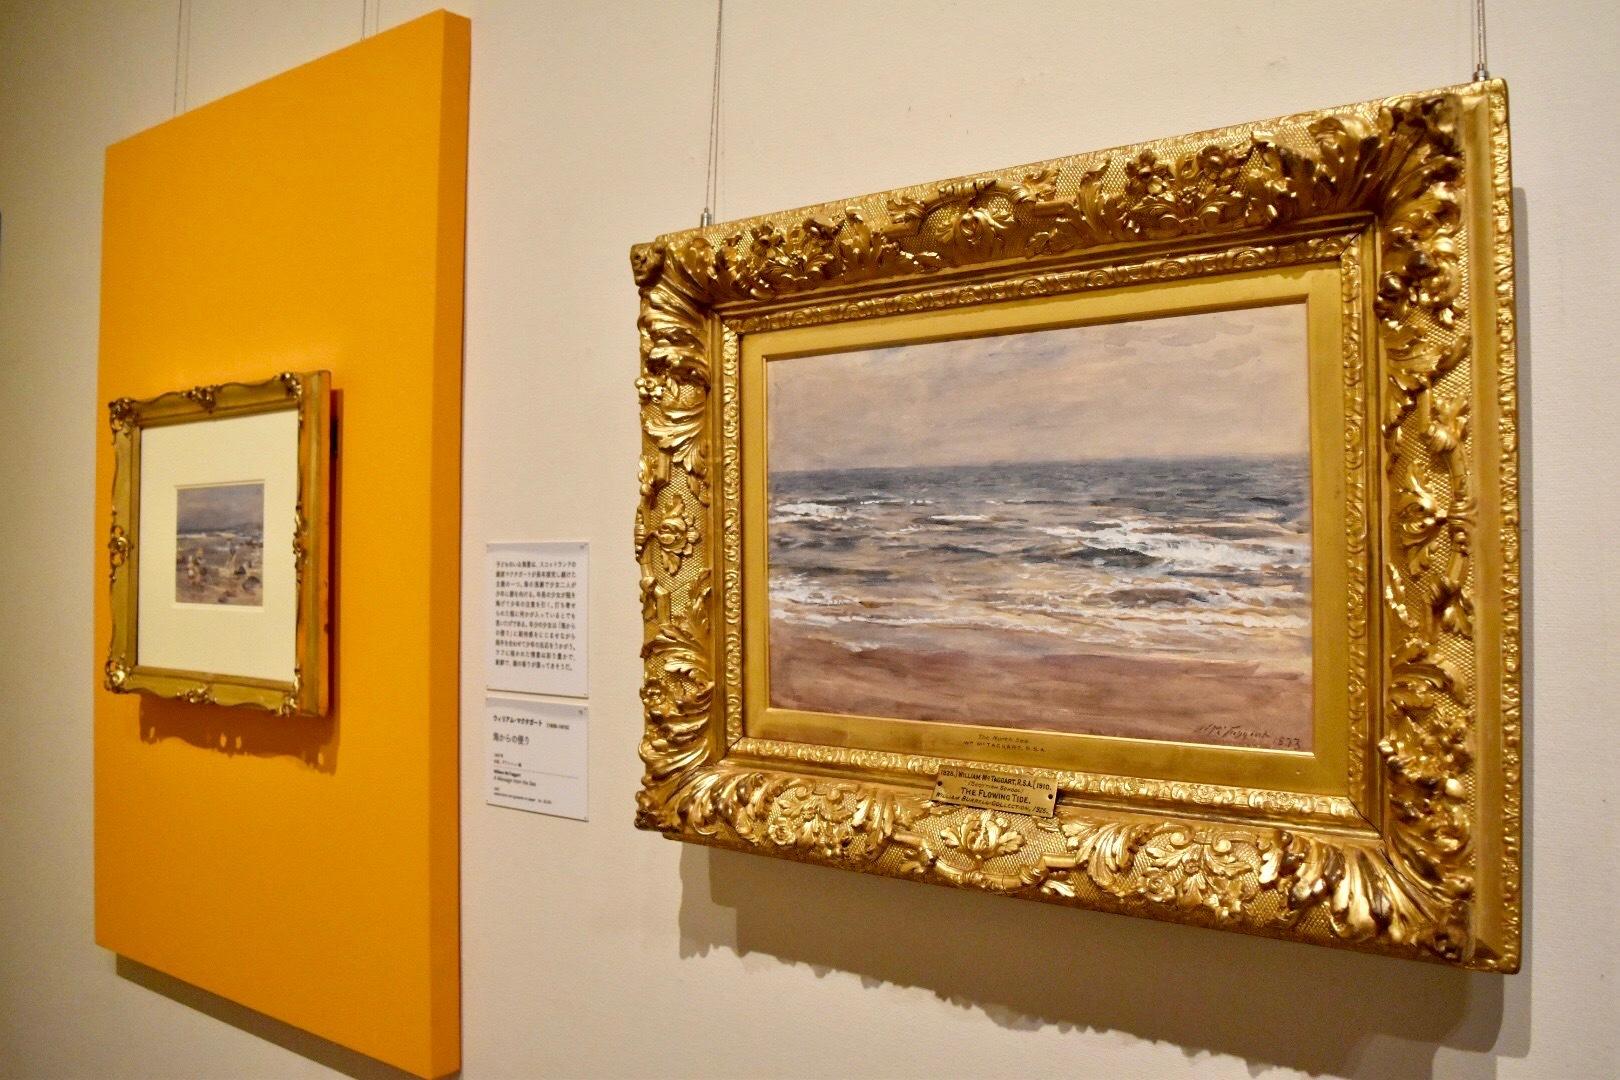 右:ウィリアム・マクタガート 《満潮》 1873年 水彩、グワッシュ、紙(板で裏打ち) (C)CSG CIC Glasgow Museums Collection